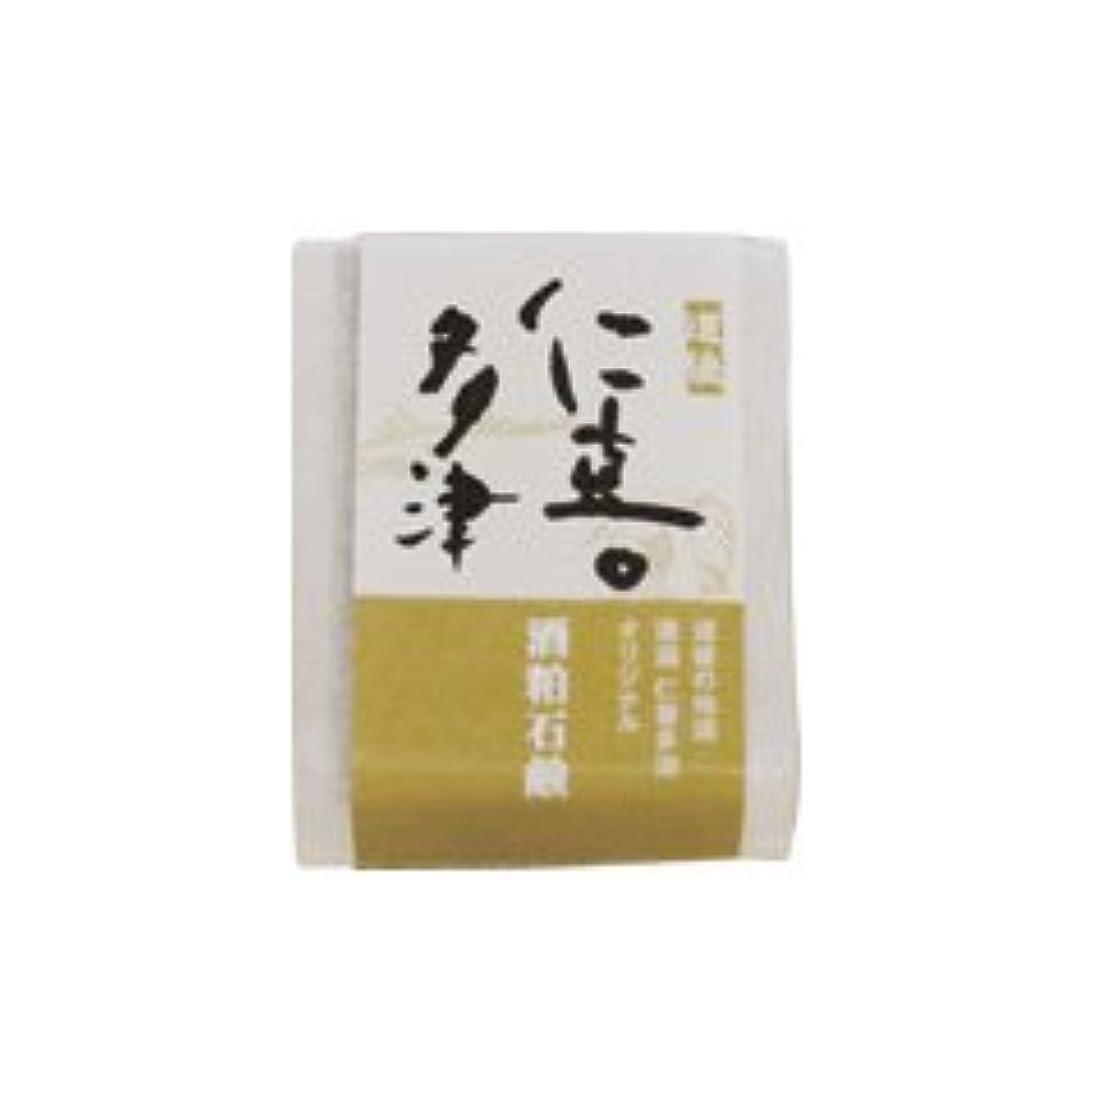 埋める満員貴重な仁喜多津 オリジナル 酒粕石鹸 60g